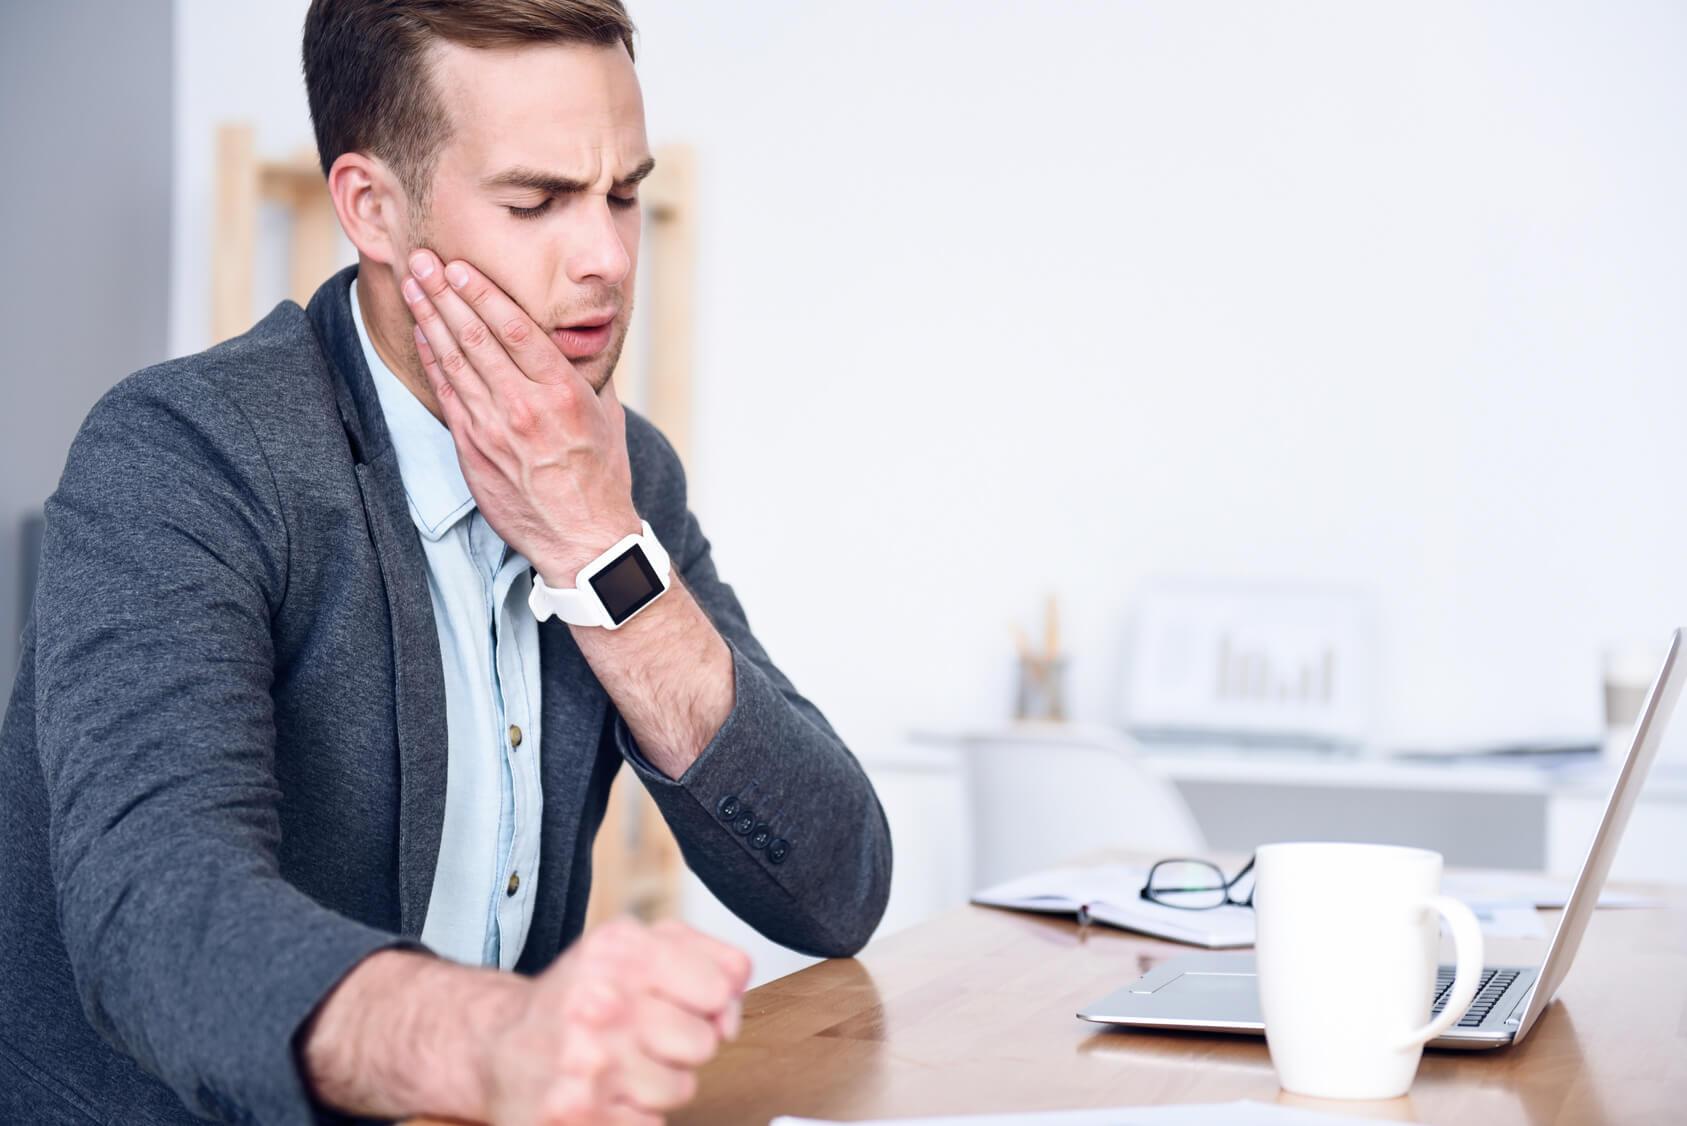 Junger Mann sitzt am Schreibtisch vor einem Laptop, zur rechten eine weisse Kaffeetasse, mit seiner linken Hand hält er seine linke Backe fest, da er Zahnschmerzen hat